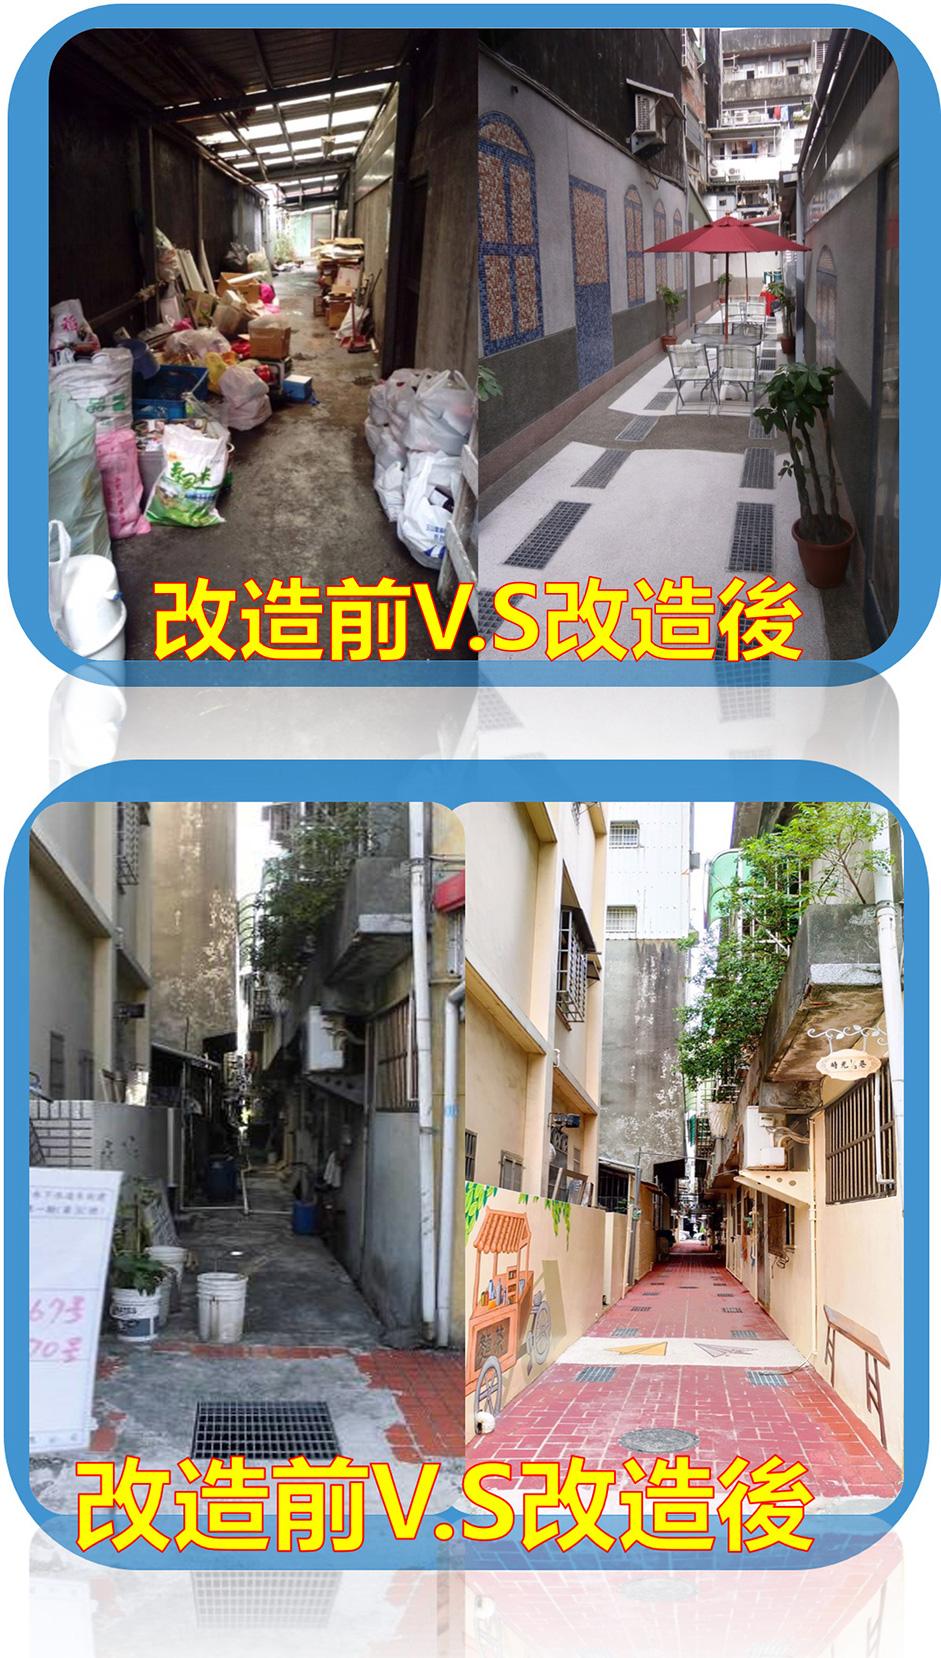 改造前凌亂堆積雜物後巷,經改造後變成通透乾淨後巷,附近居民聊天休憩及小孩遊玩空間,兩個比較,差異良多